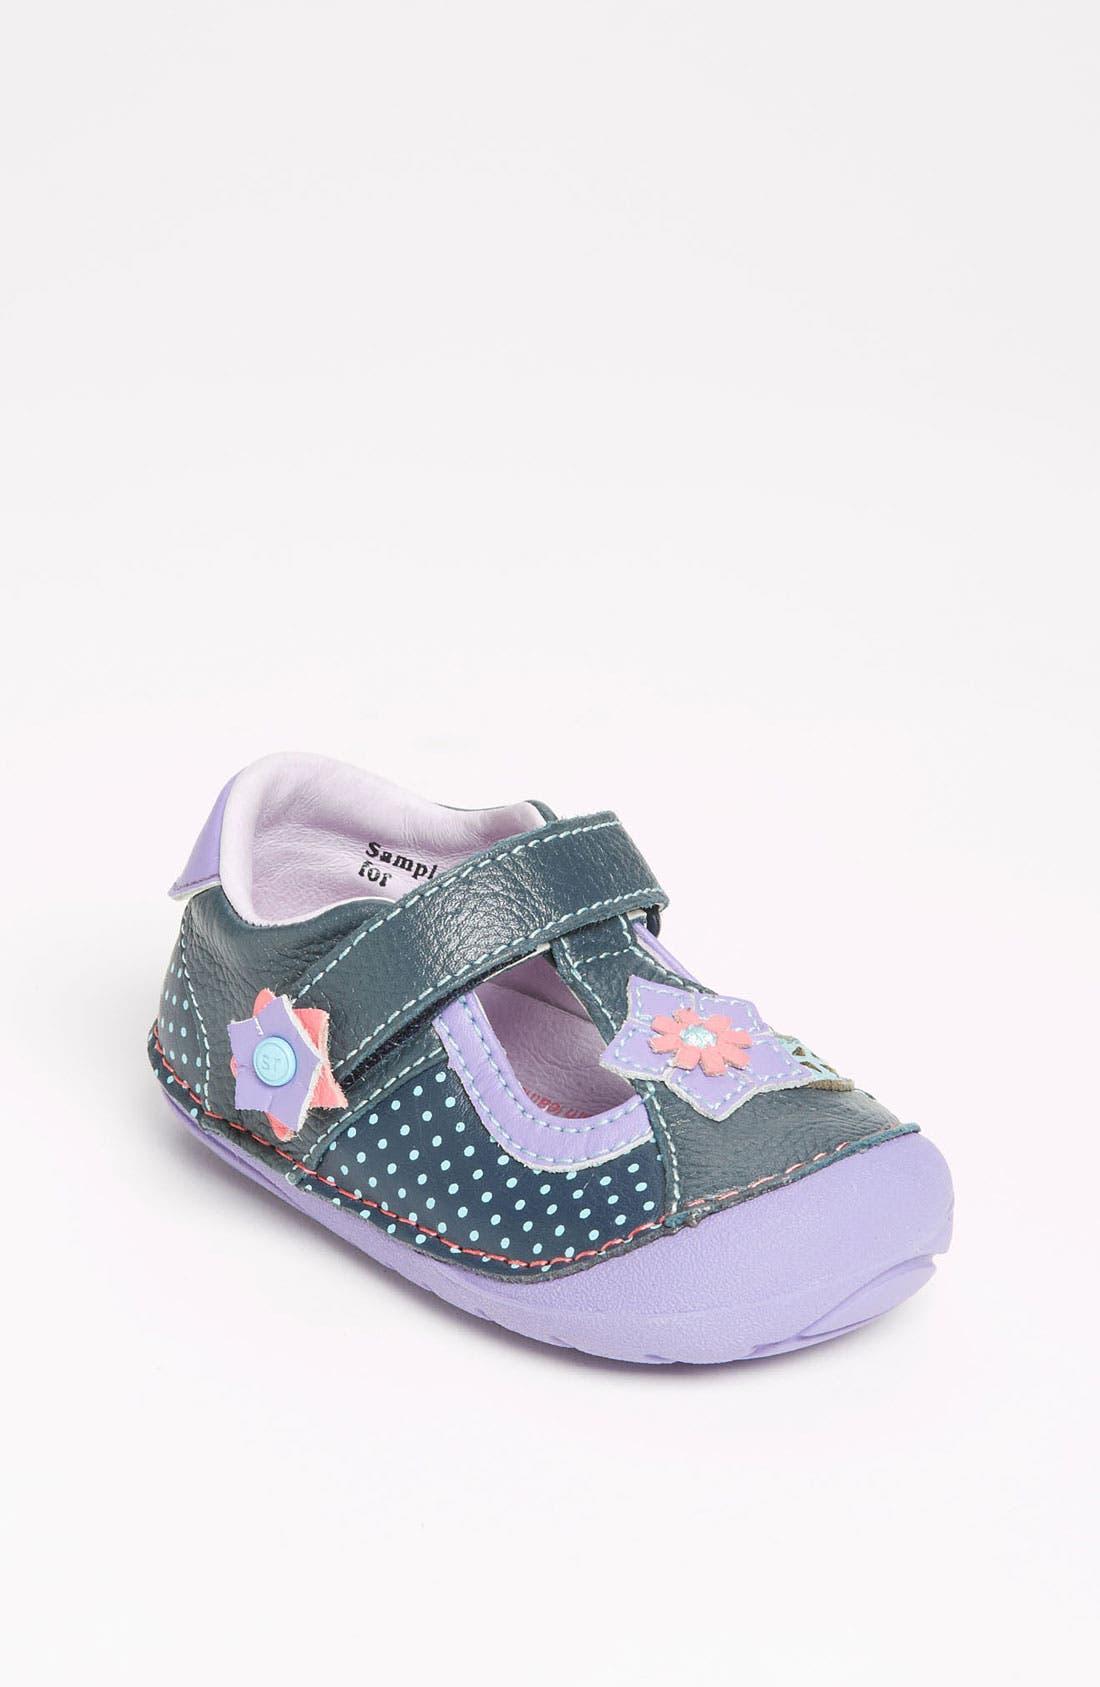 Alternate Image 1 Selected - Stride Rite 'Viola' Sneaker (Baby & Walker)